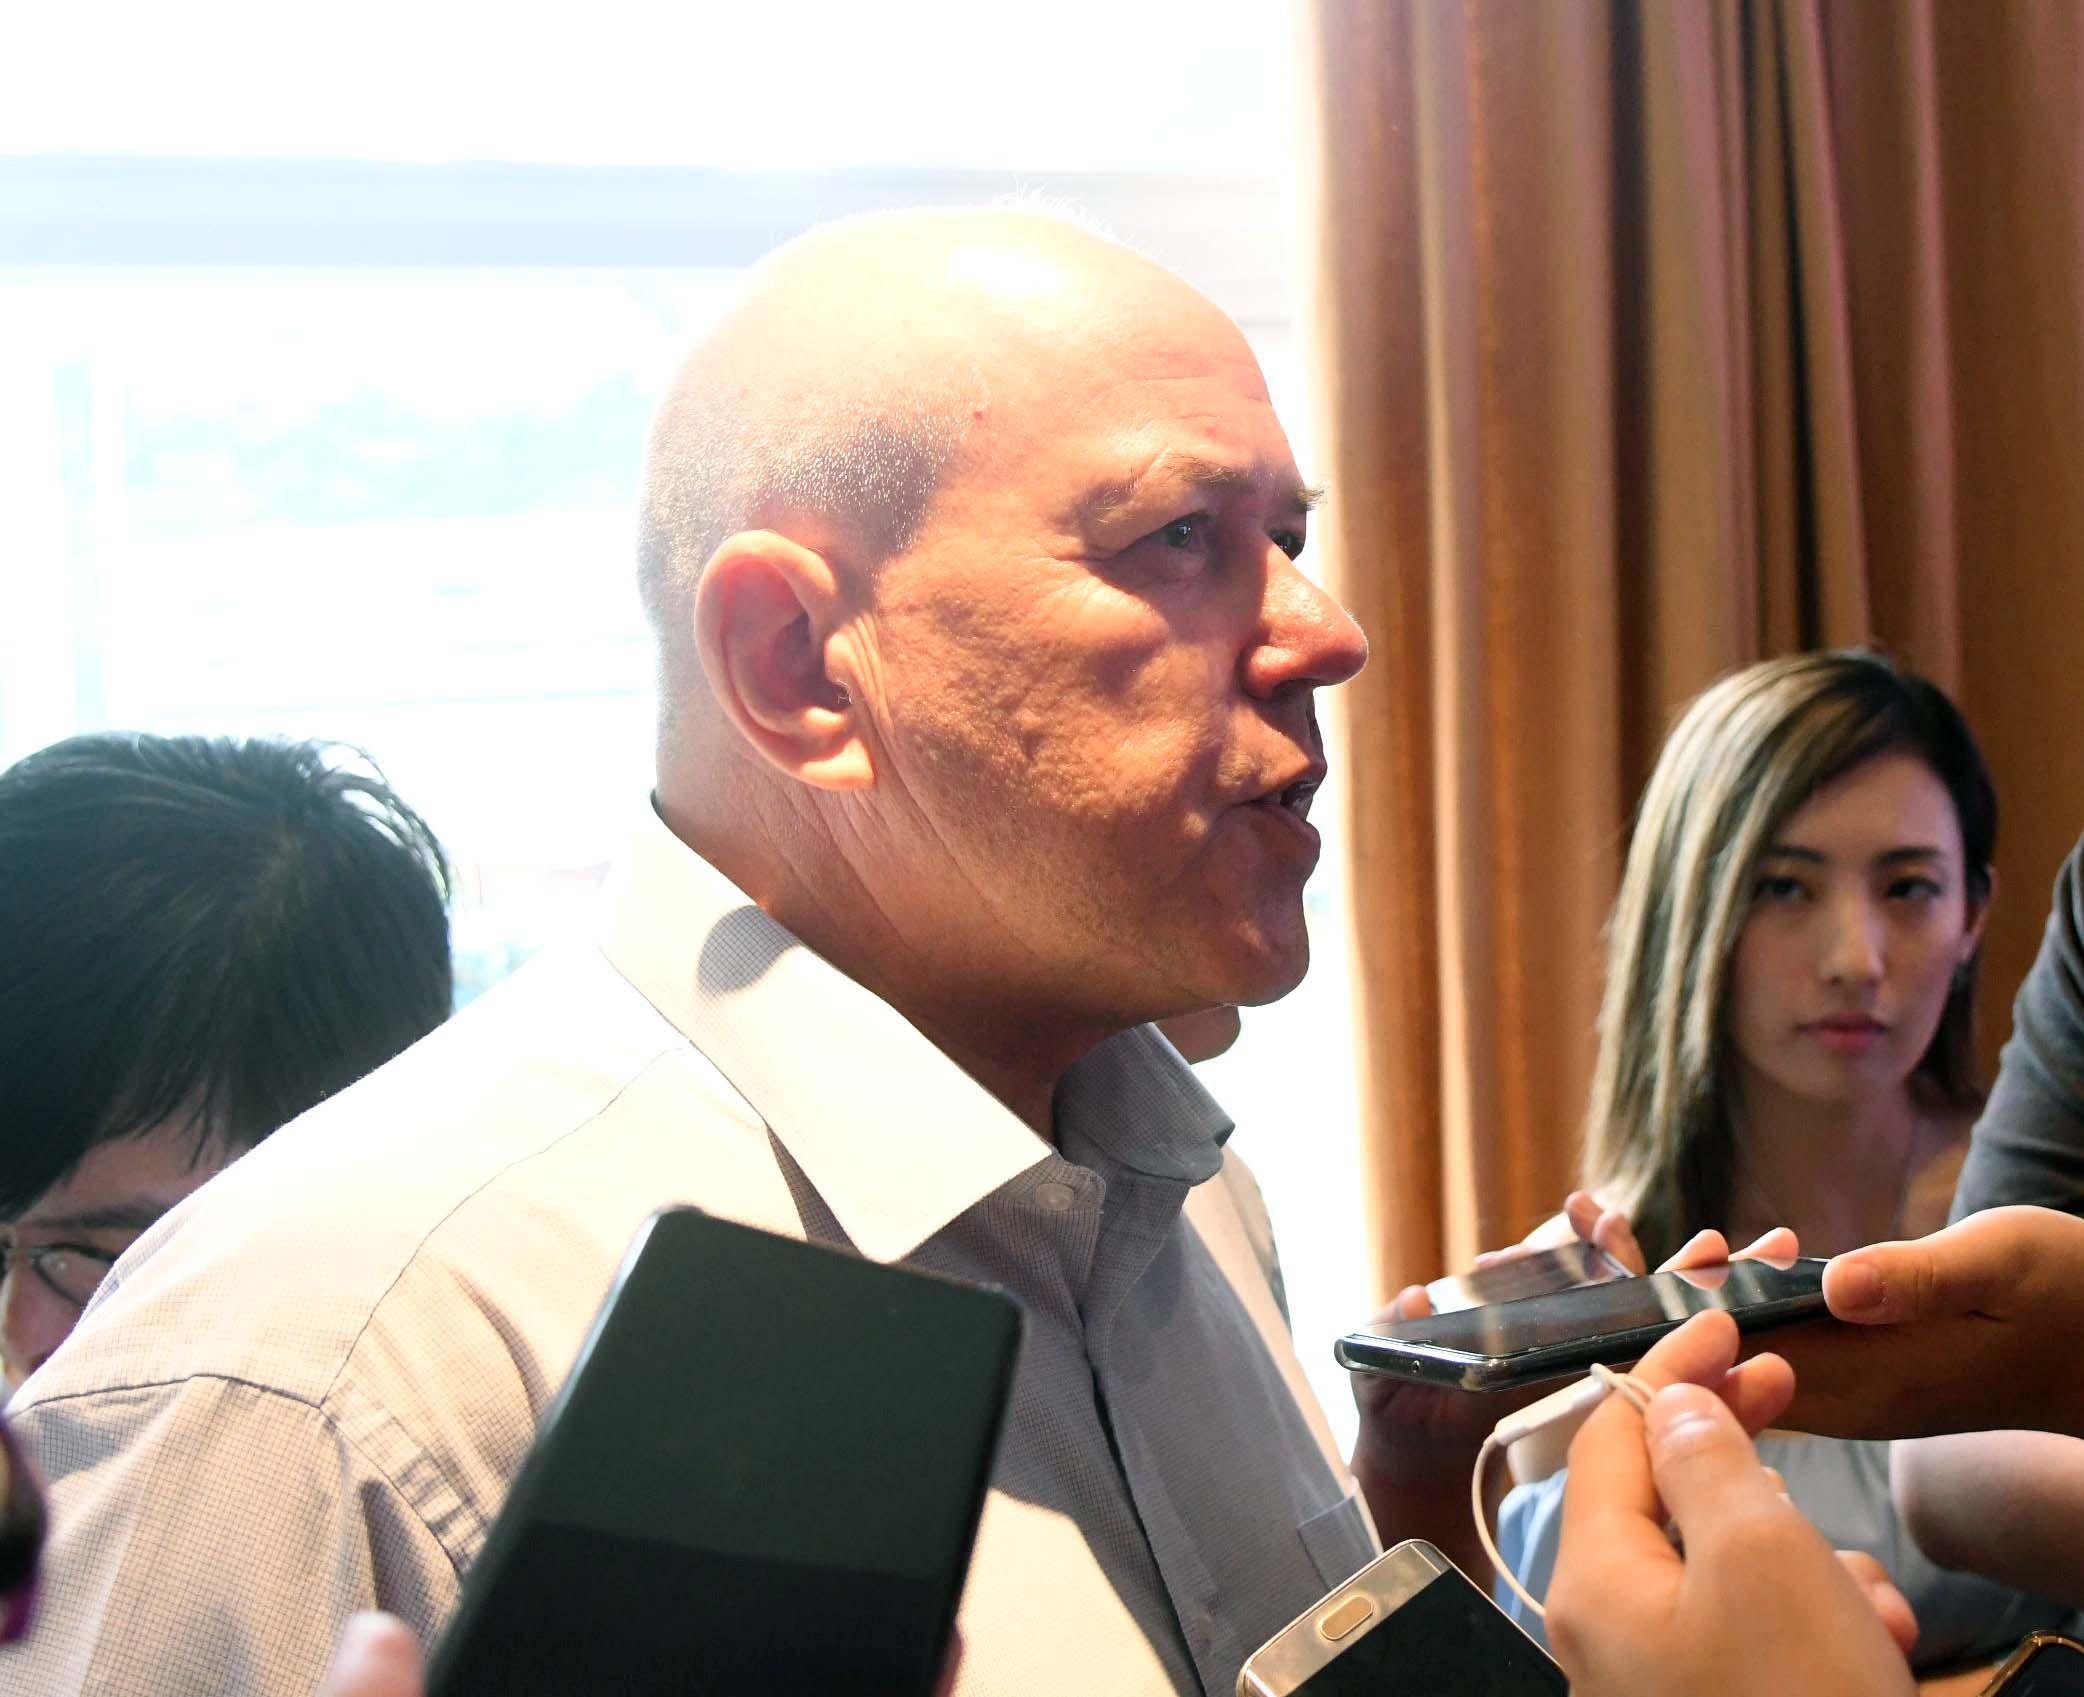 溫達倫指一直與亞洲足協緊密聯繫,已將比賽的保安資料傳送至當局,並在周日獲得首肯。郭晉朗攝